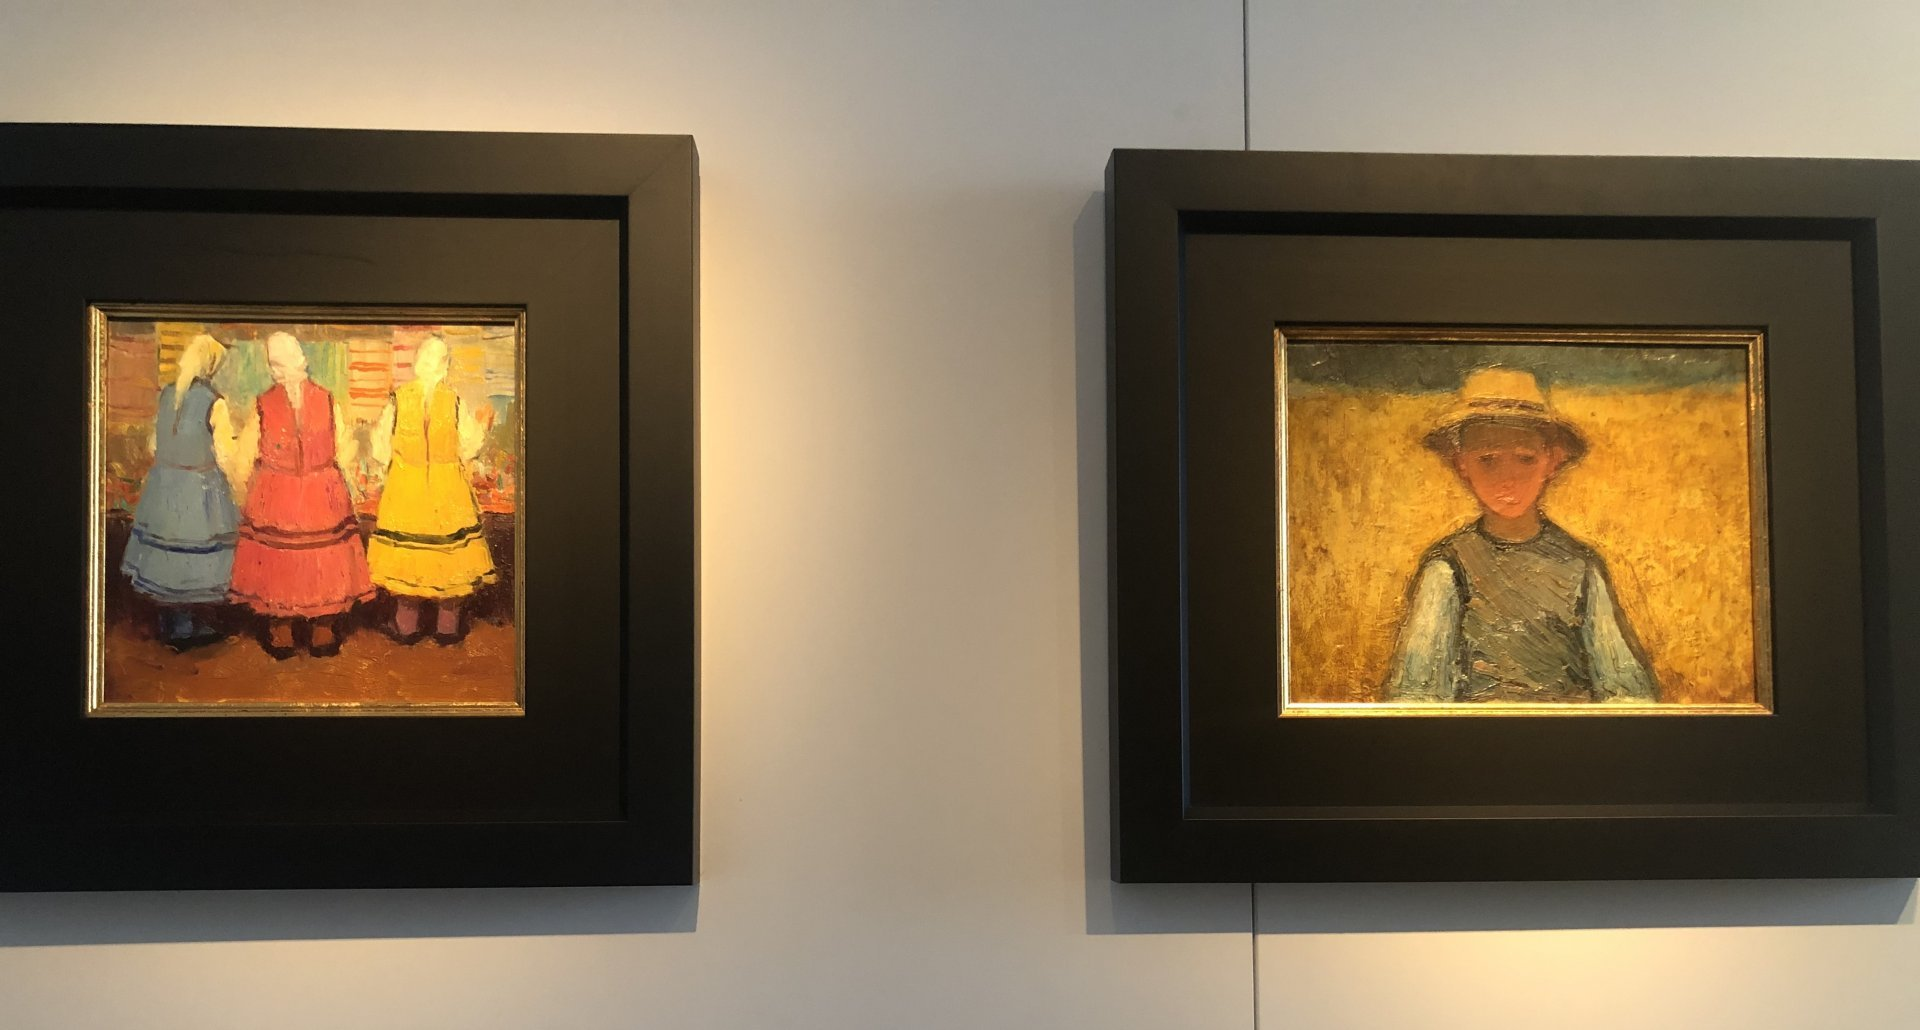 Творби на Христо Явашев - Кристо са част от експозицията на галерия Квадрат 500. Снимки Авторът